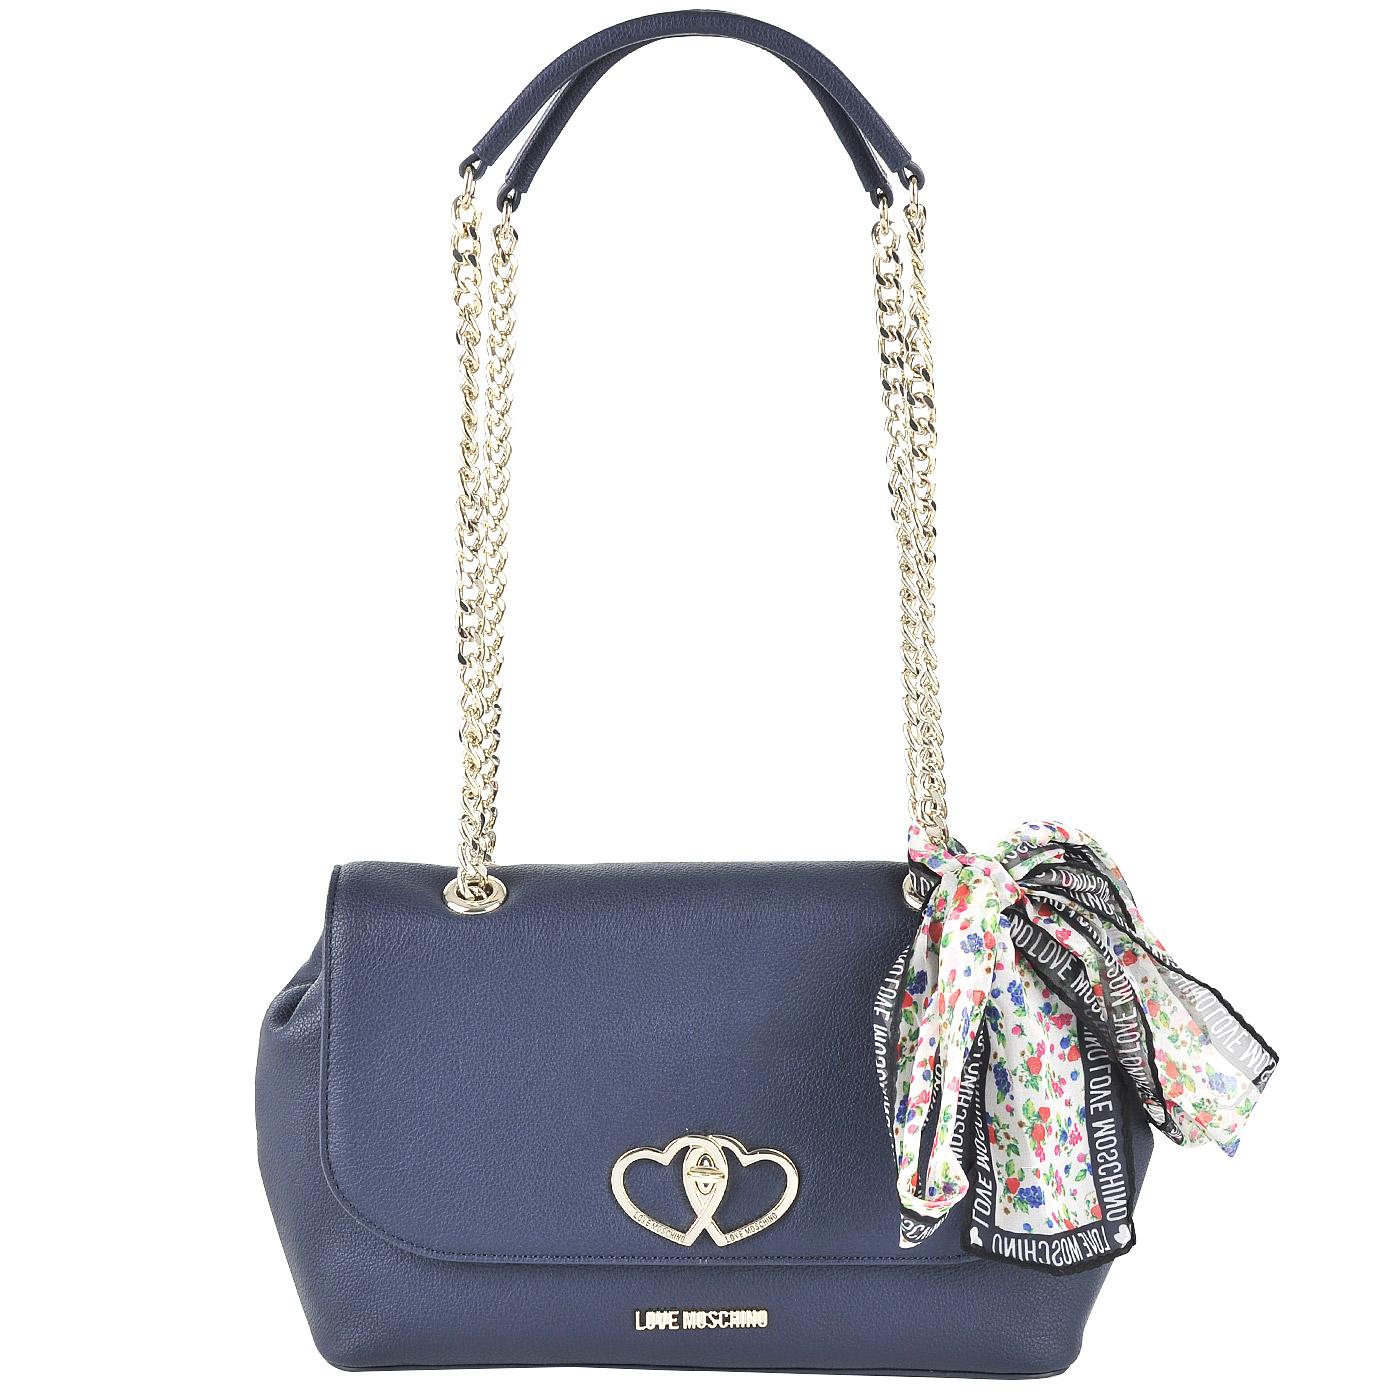 3ac9c7e3dedd Женская сумка через плечо Love Moschino Twin heart JC4261PP03_751 ...